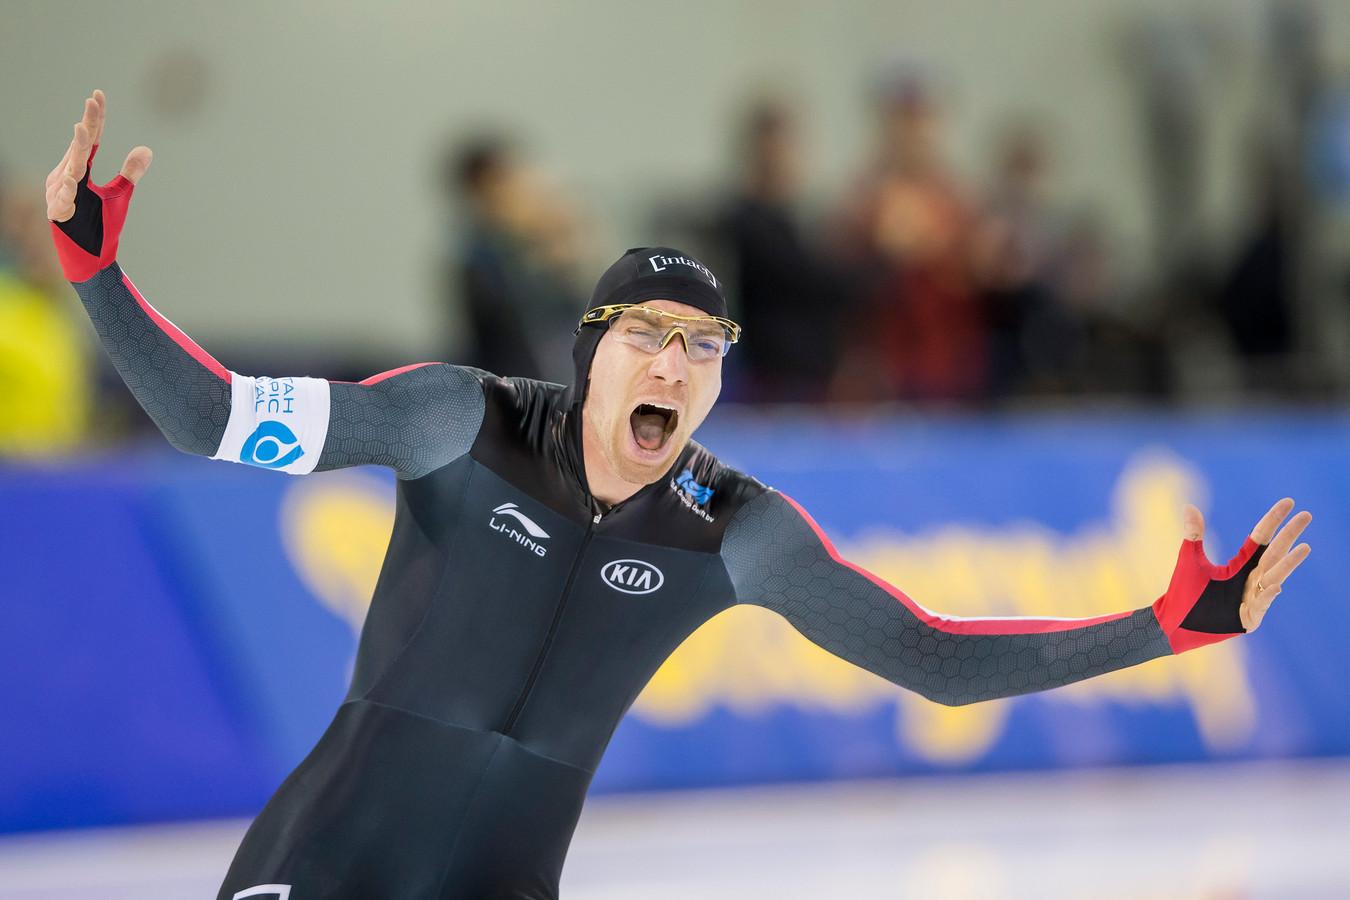 Ted-Jan Bloemen juicht nadat hij op 5000 meter het wereldrecord van Sven Kramer heeft verbroken.